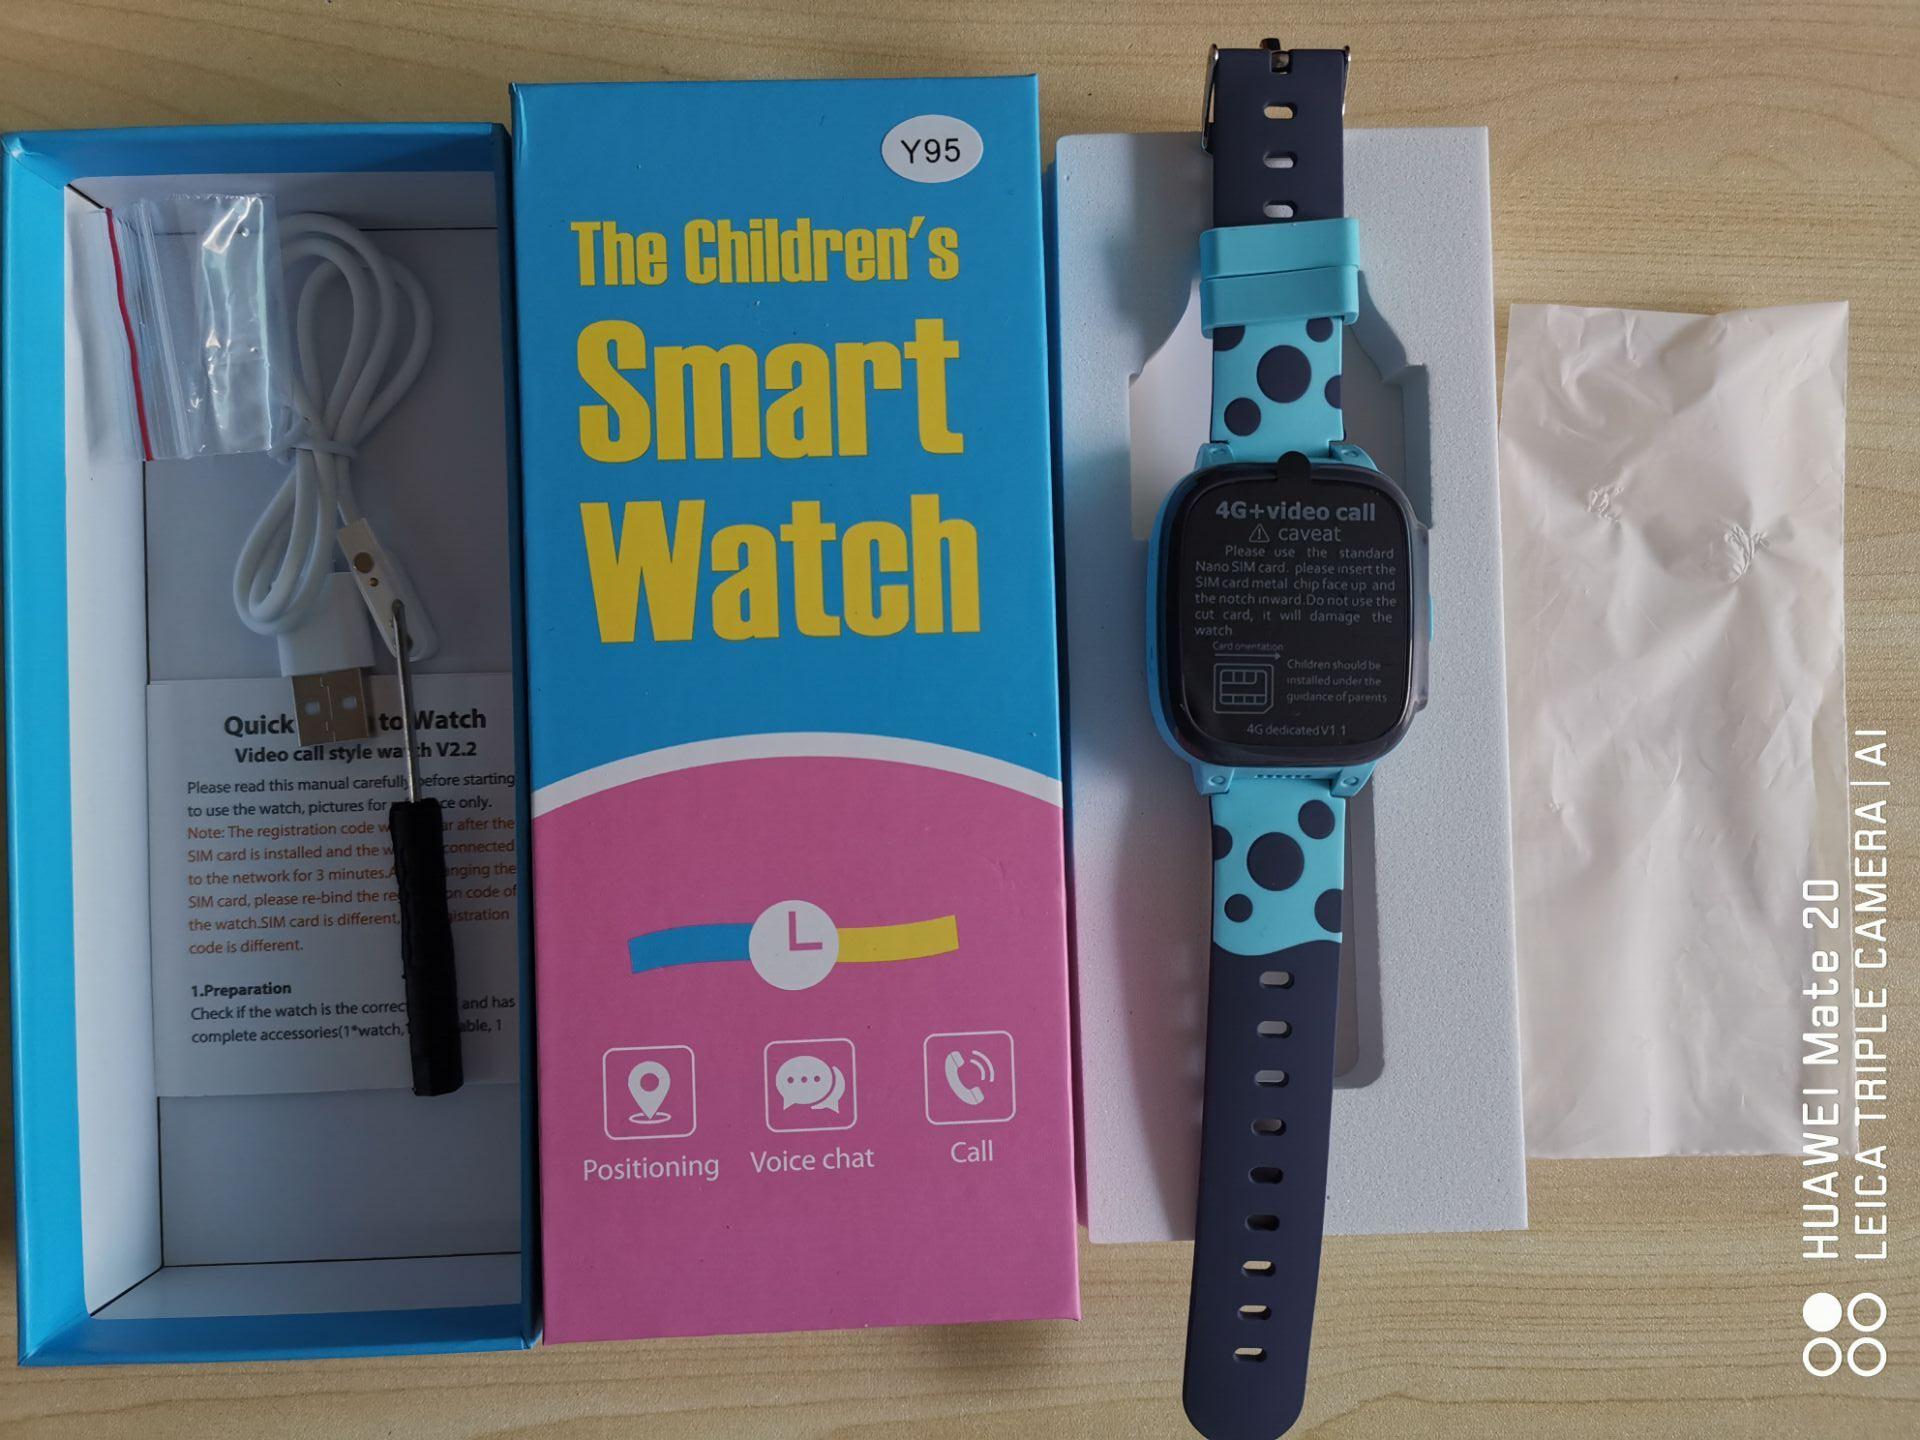 2020 Y95 4G Đồng Hồ Thông Minh Trẻ Em HD Video Chat Gọi Với AI Thanh Toán  WiFi GPS Định Vị Đồng Hồ Thông Minh Smartwatch Cho Bé trẻ Em Sinh Viên